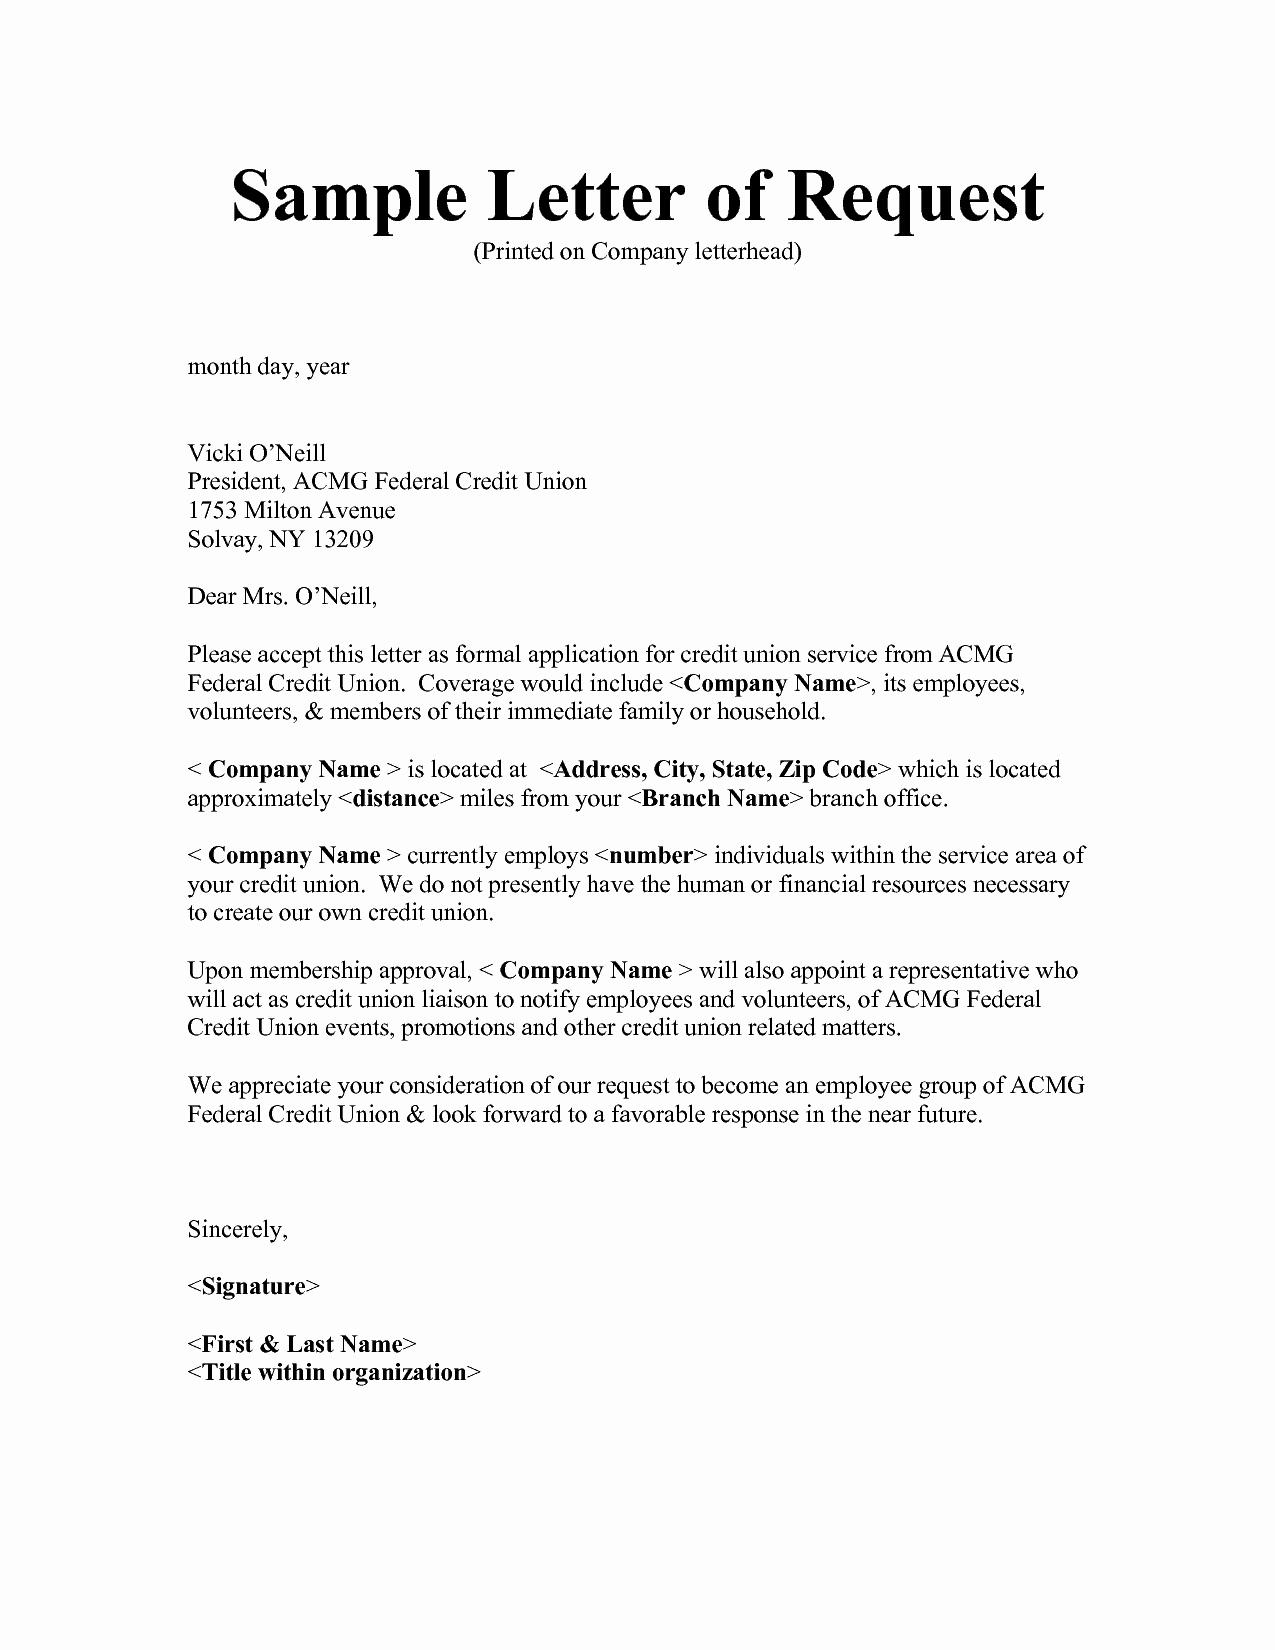 Letter Of Request format Unique Letter Request format